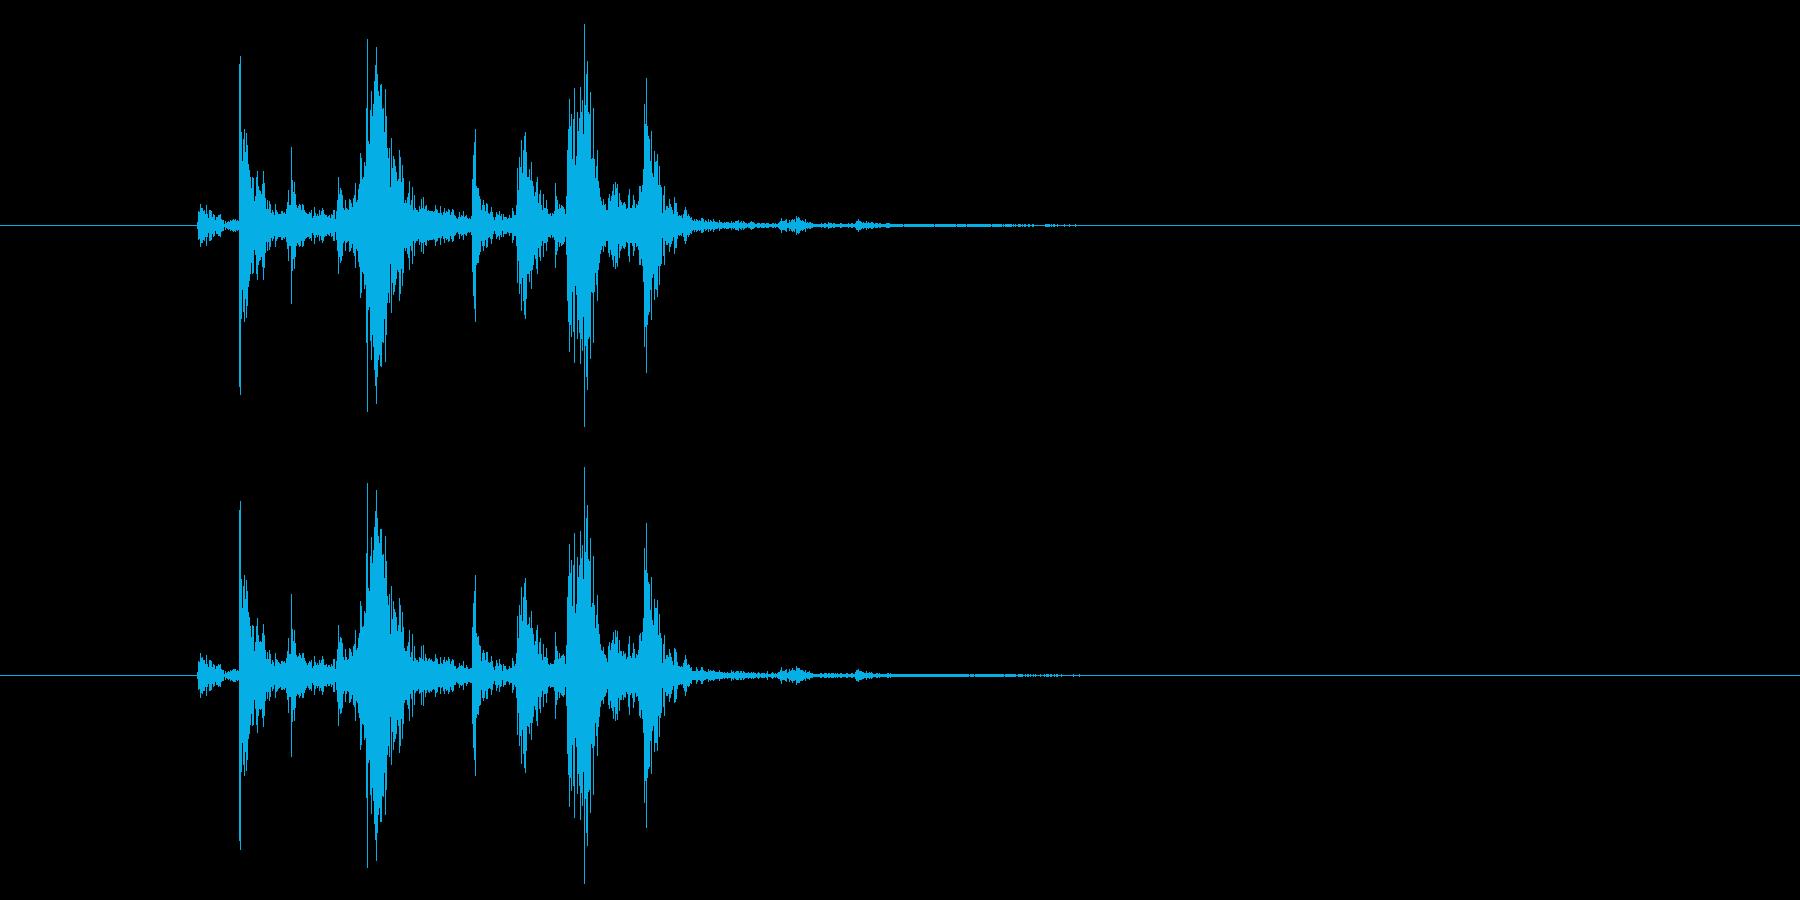 レバーを入れる_スイッチを入れる_ガチャの再生済みの波形